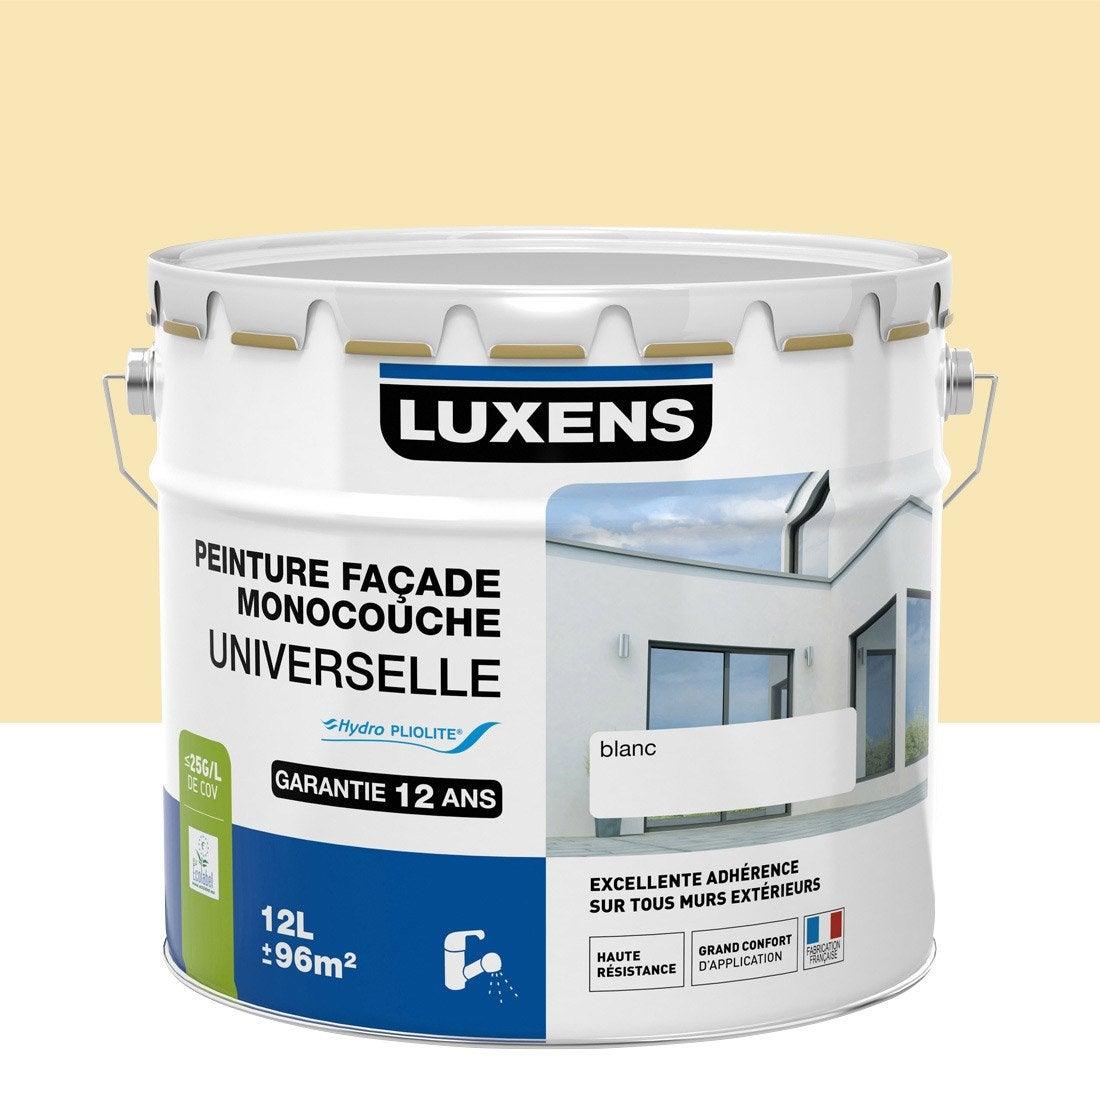 Peinture fa ade universelle luxens ton pierre 10 l for Peinture appui de fenetre leroy merlin